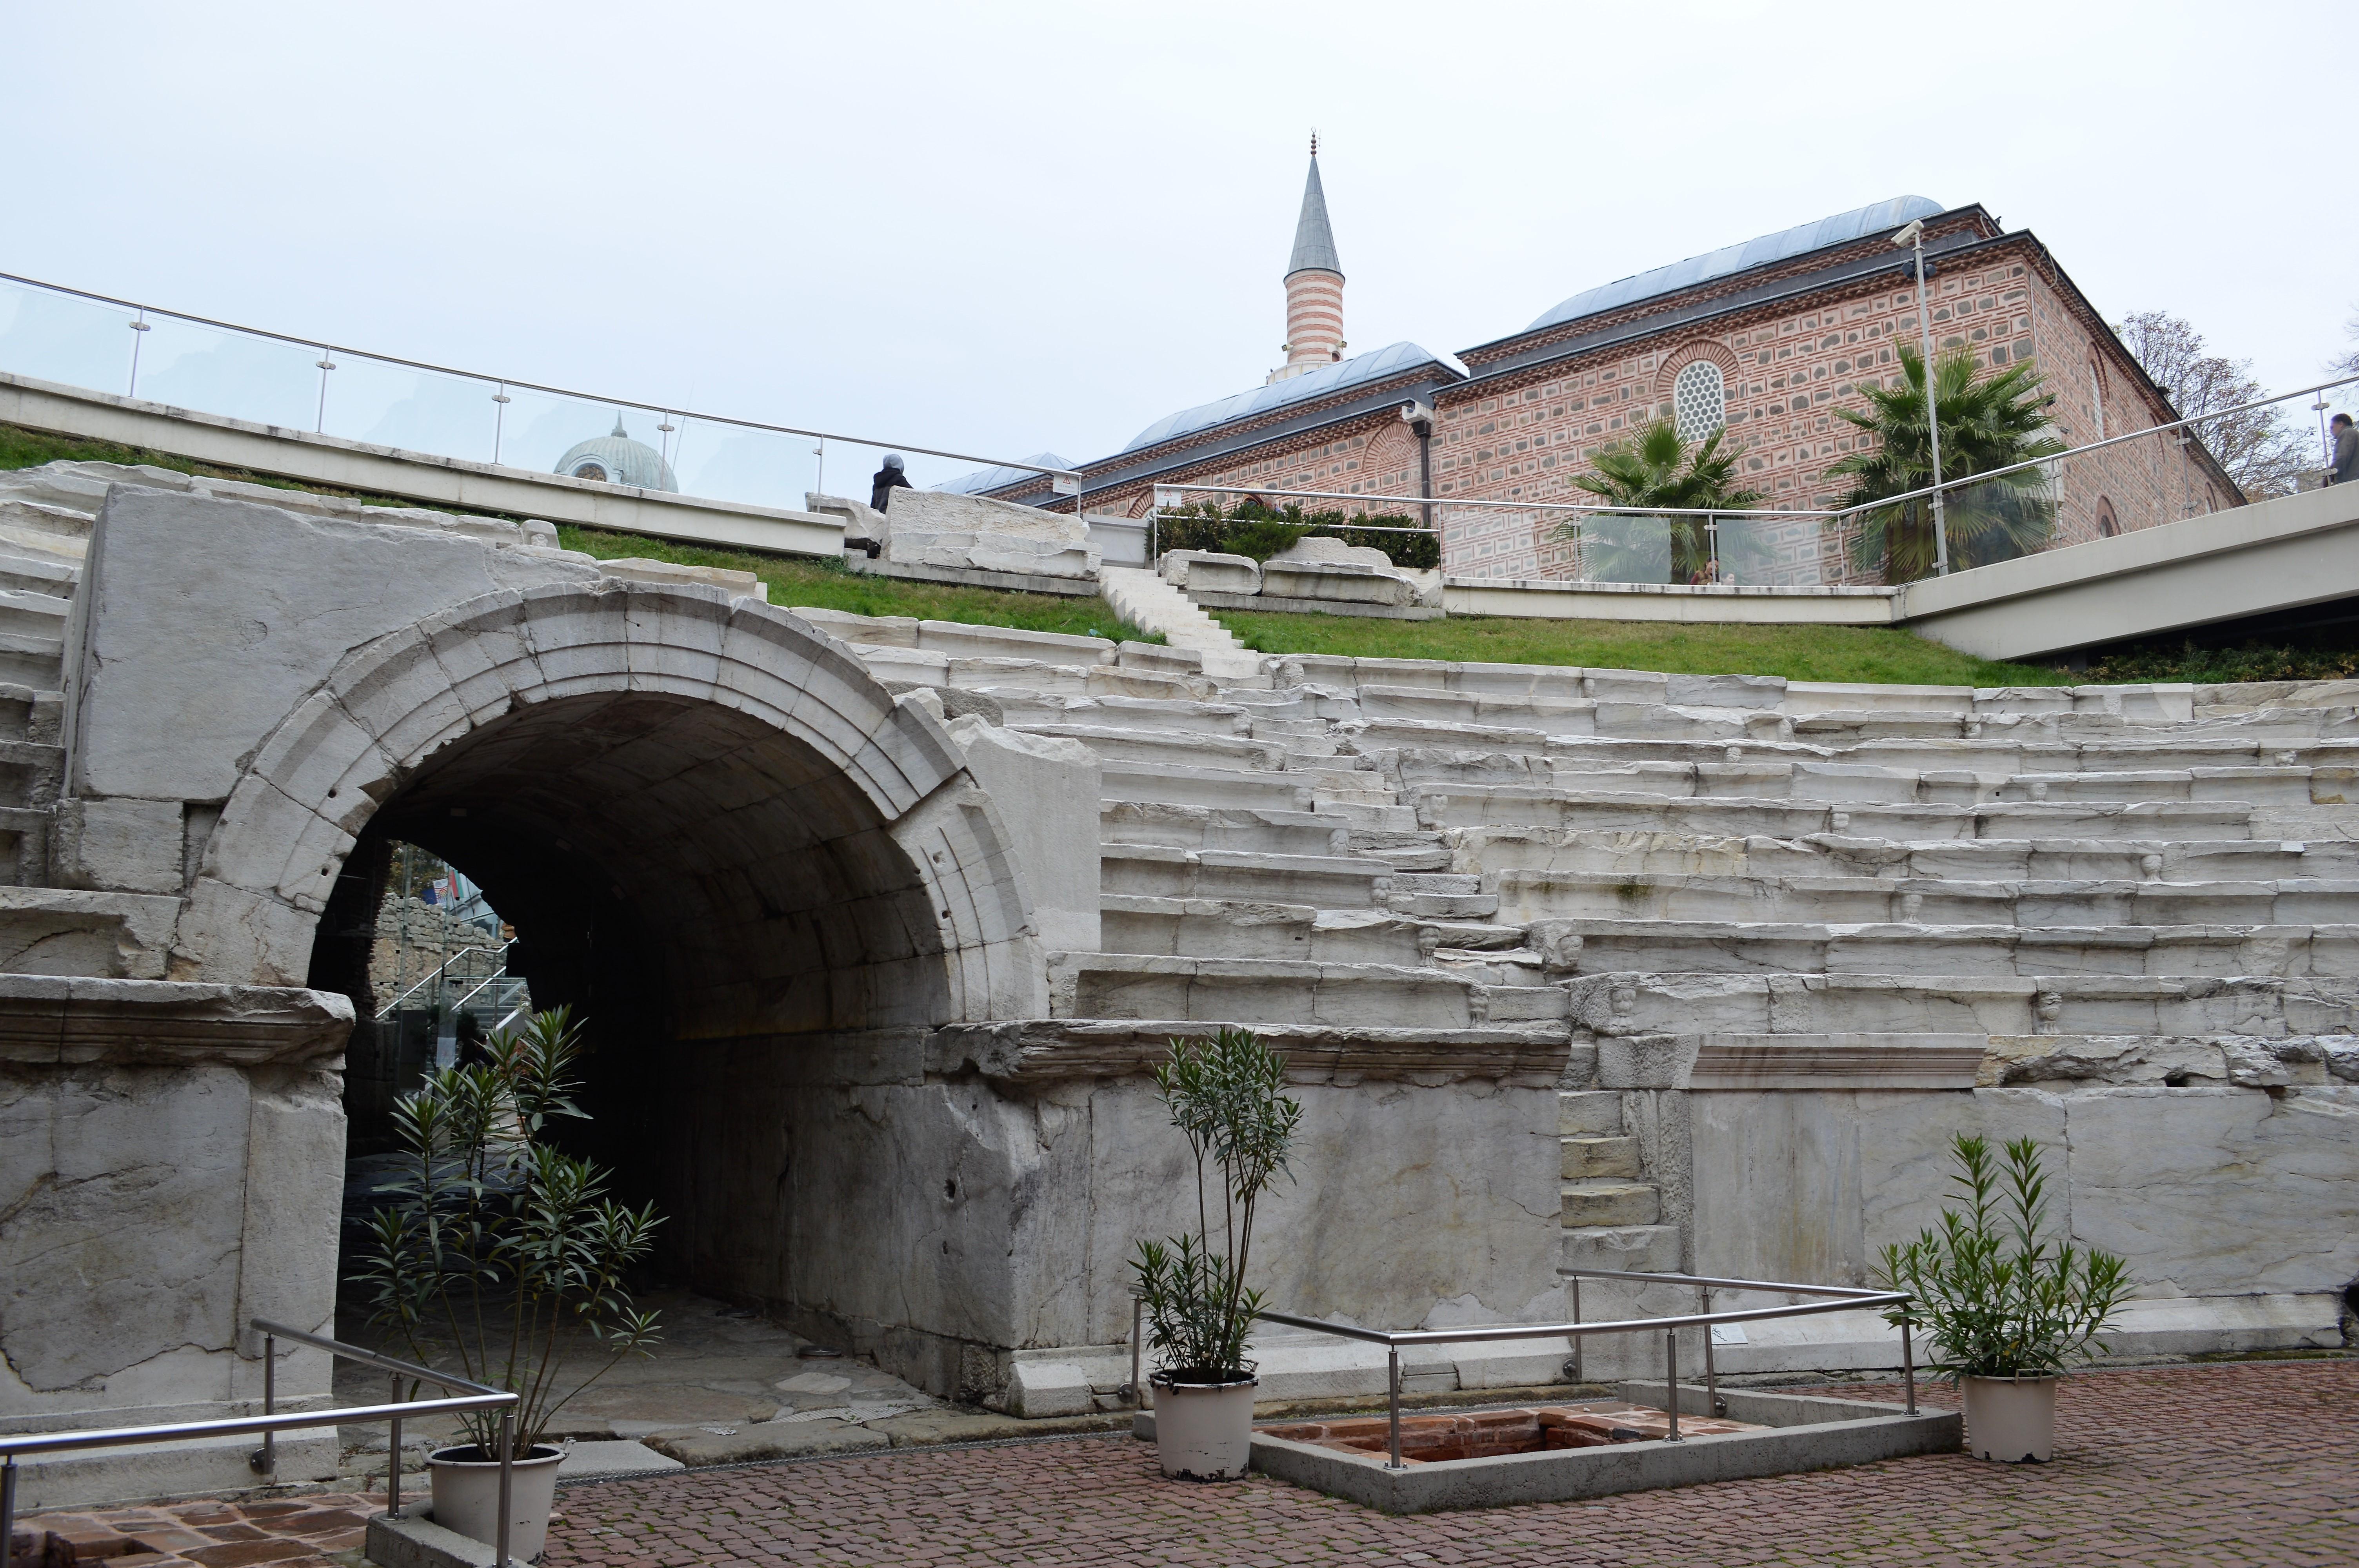 plovdiv-roma-amphiteater